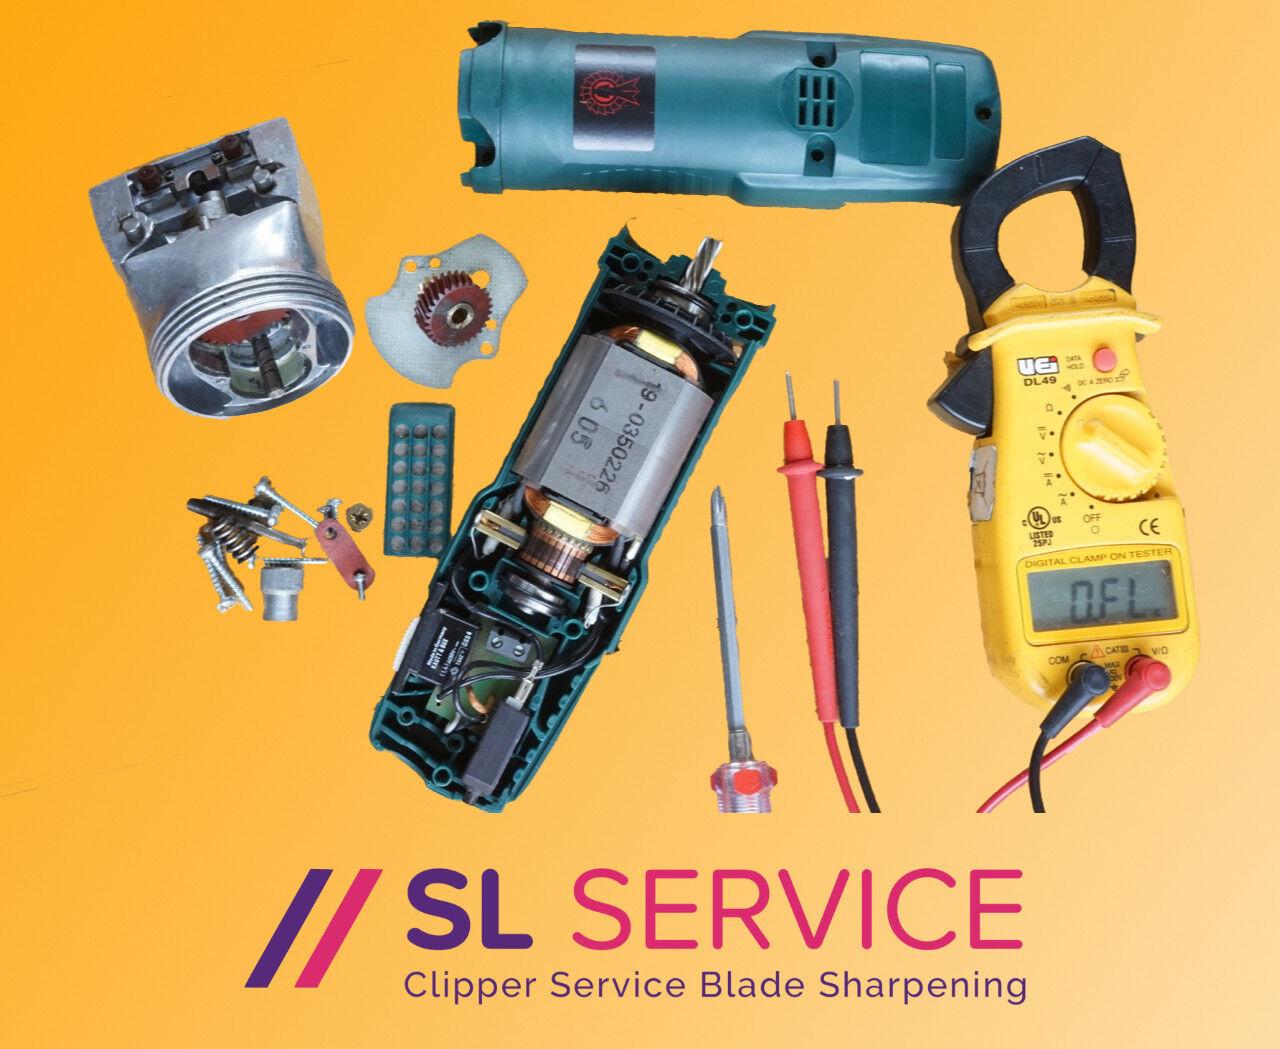 Large Clipper Service - SL Service